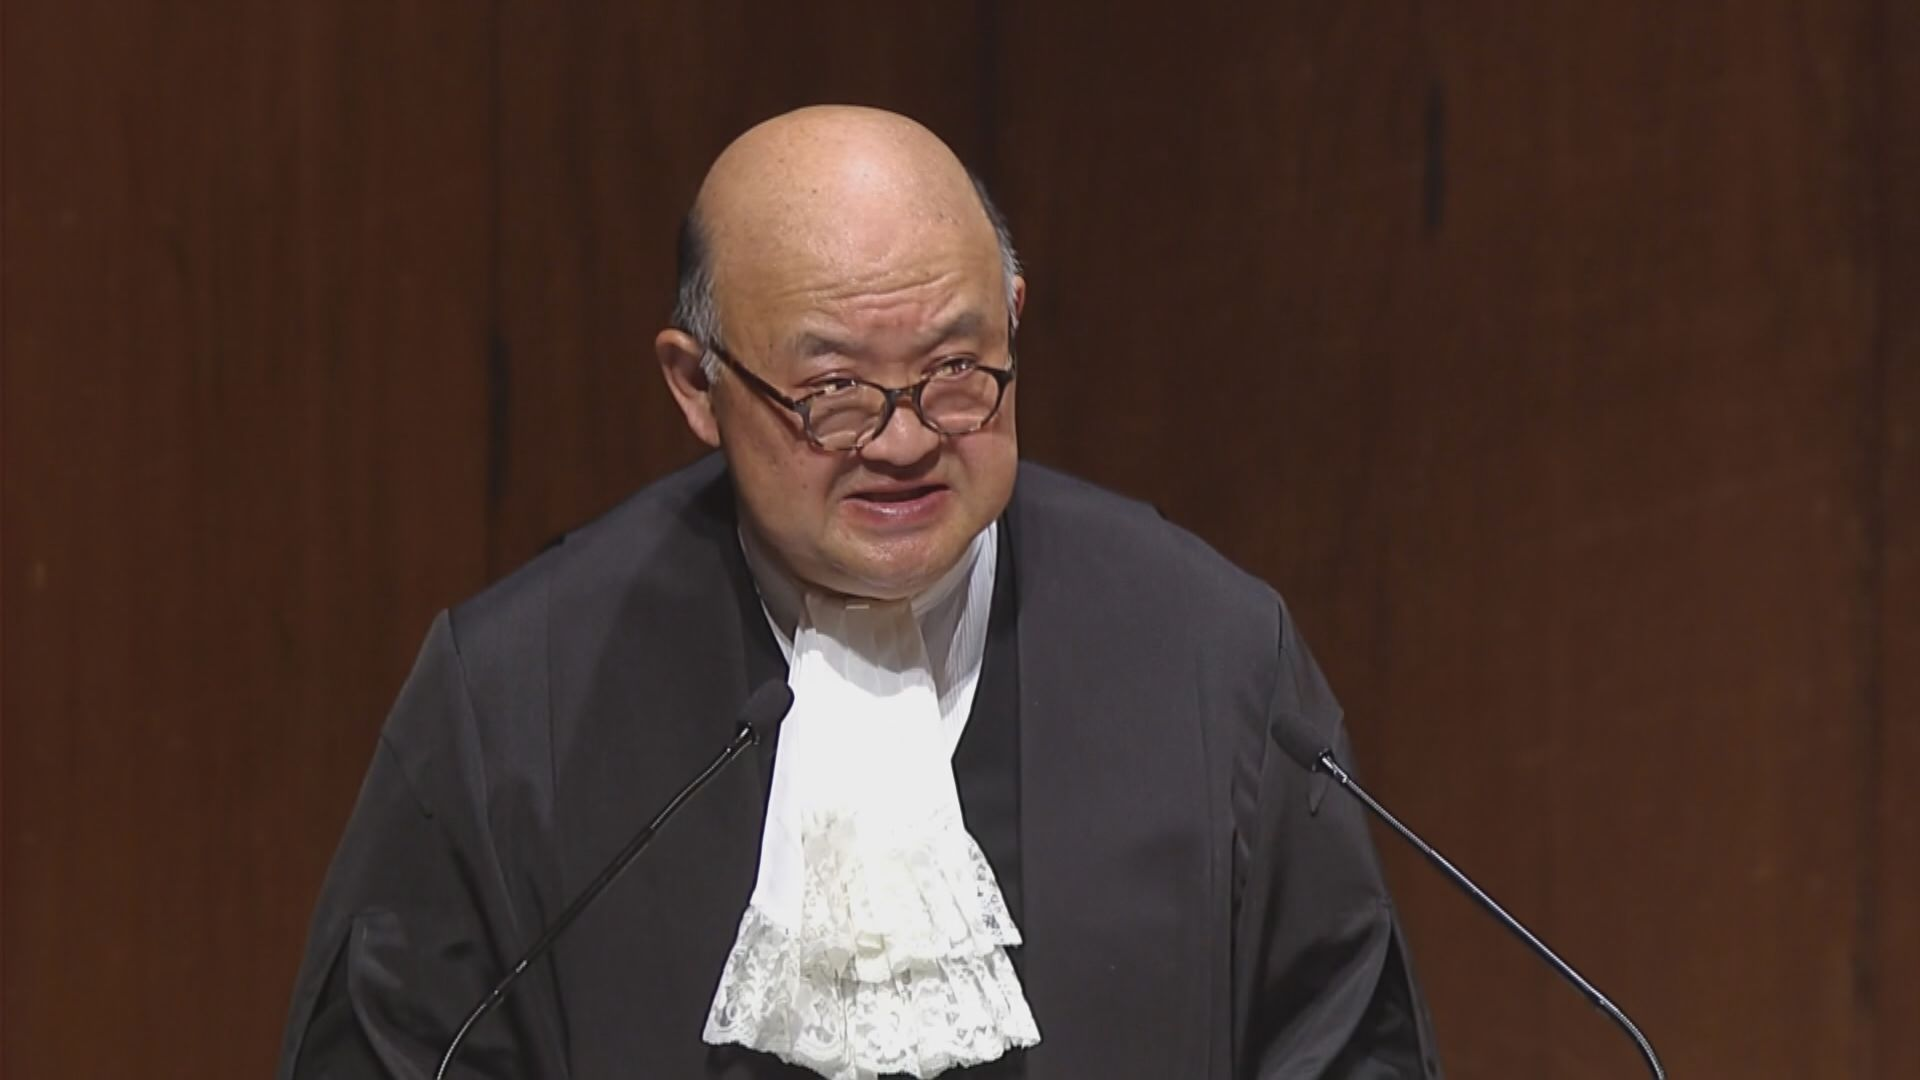 馬道立︰法律界有責任在法治受損時挺身而出